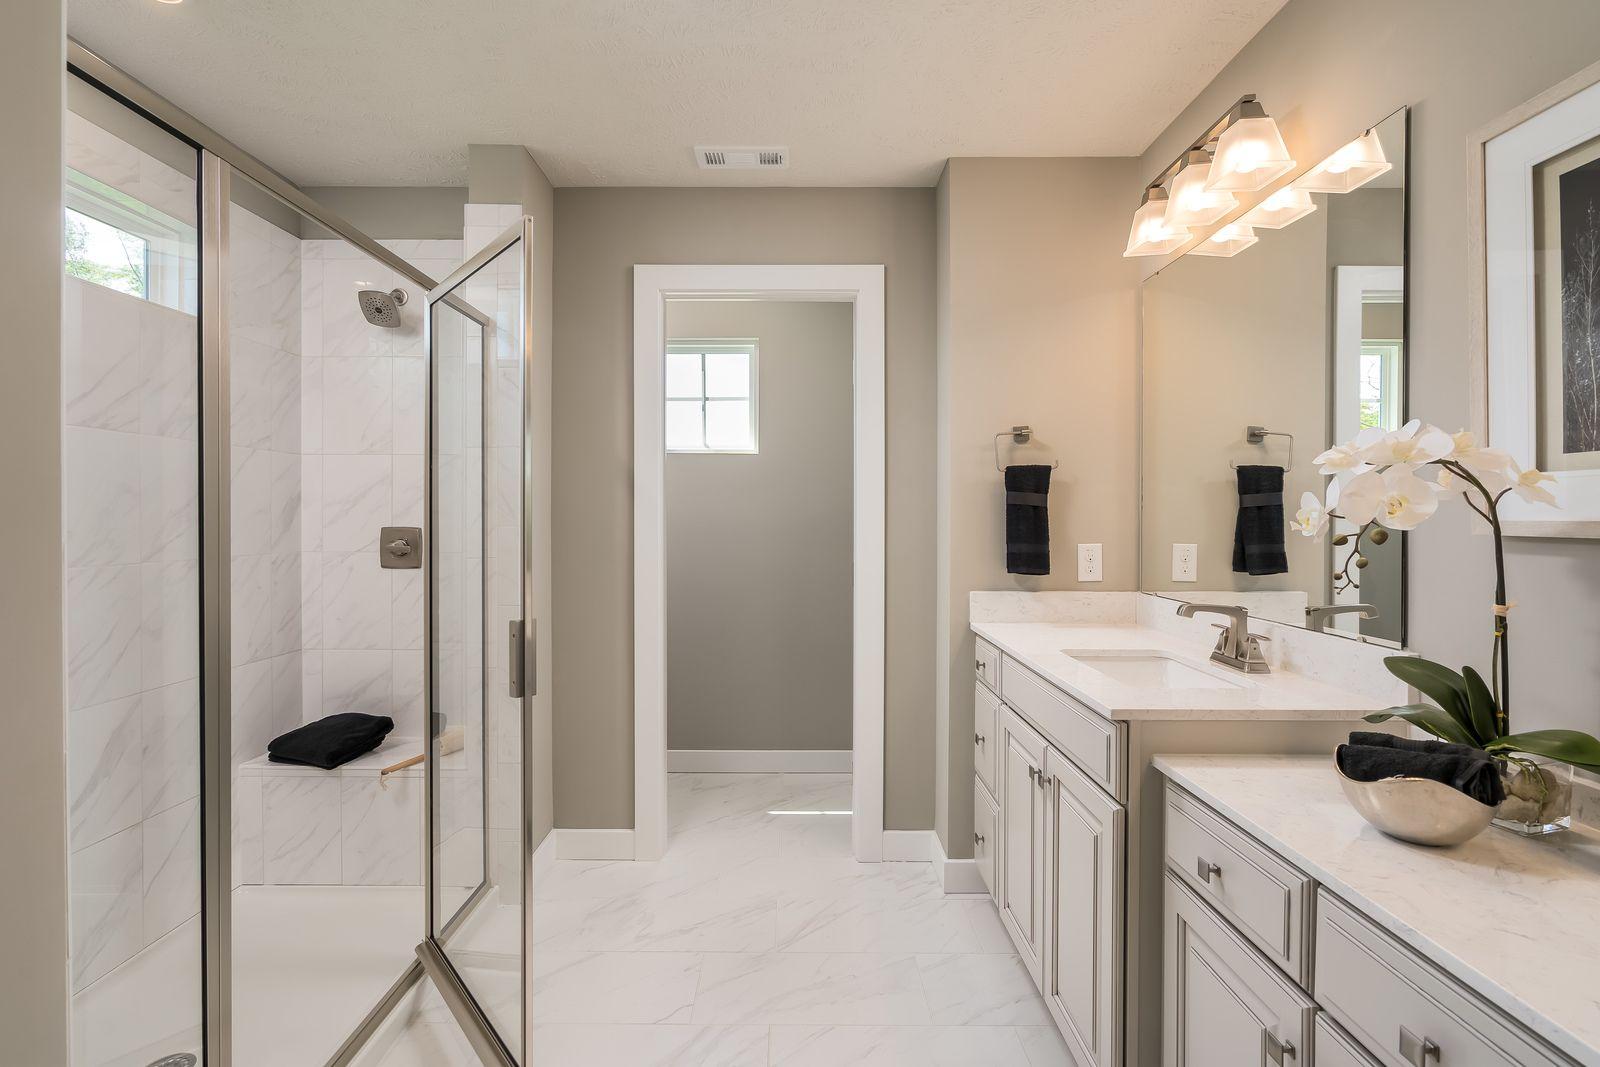 Bathroom featured in the Bateman By HeartlandHomes in Morgantown, WV